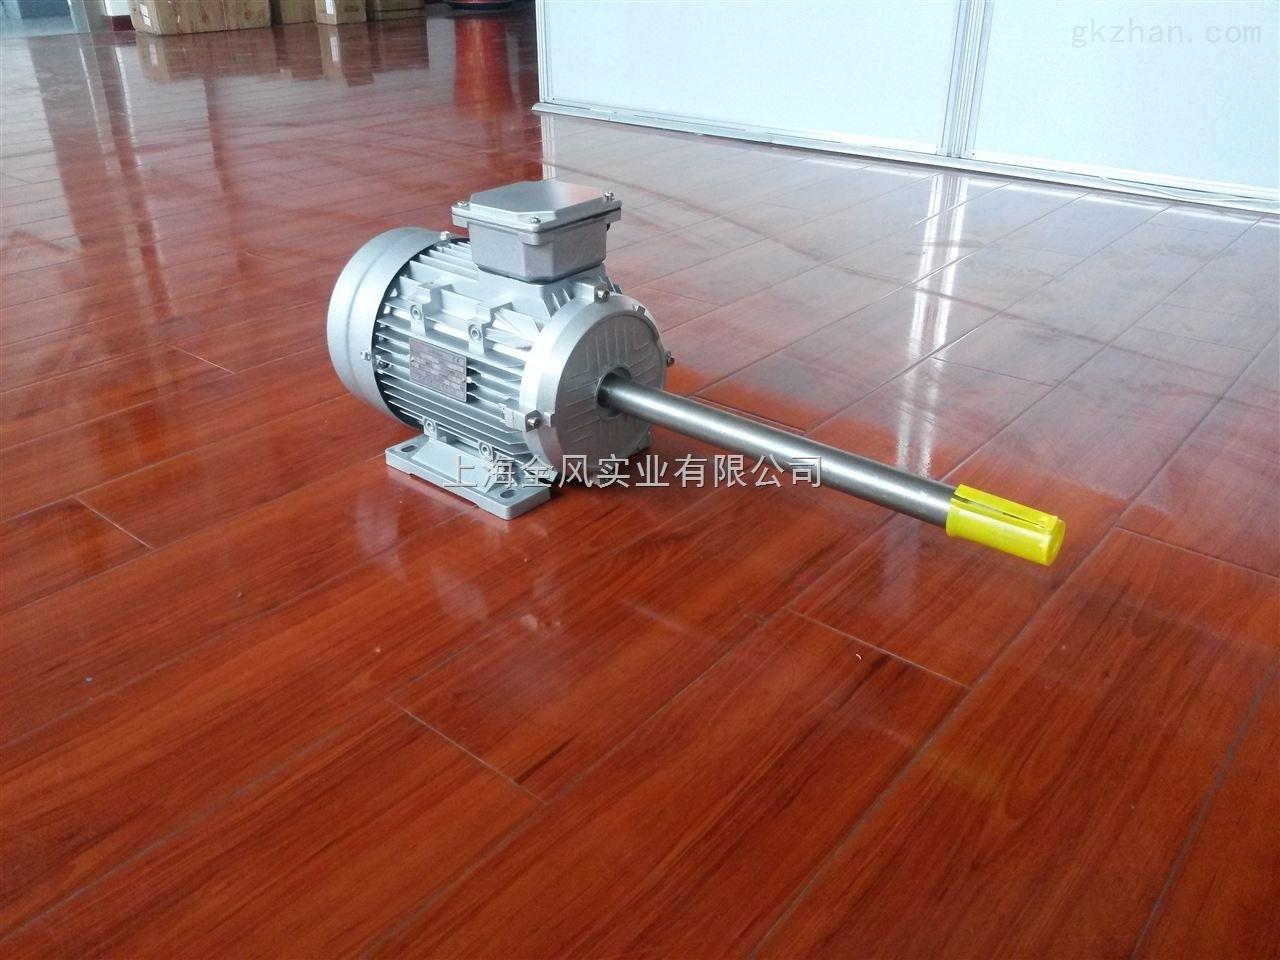 120W耐高温长轴电机/轴长定制生产厂家